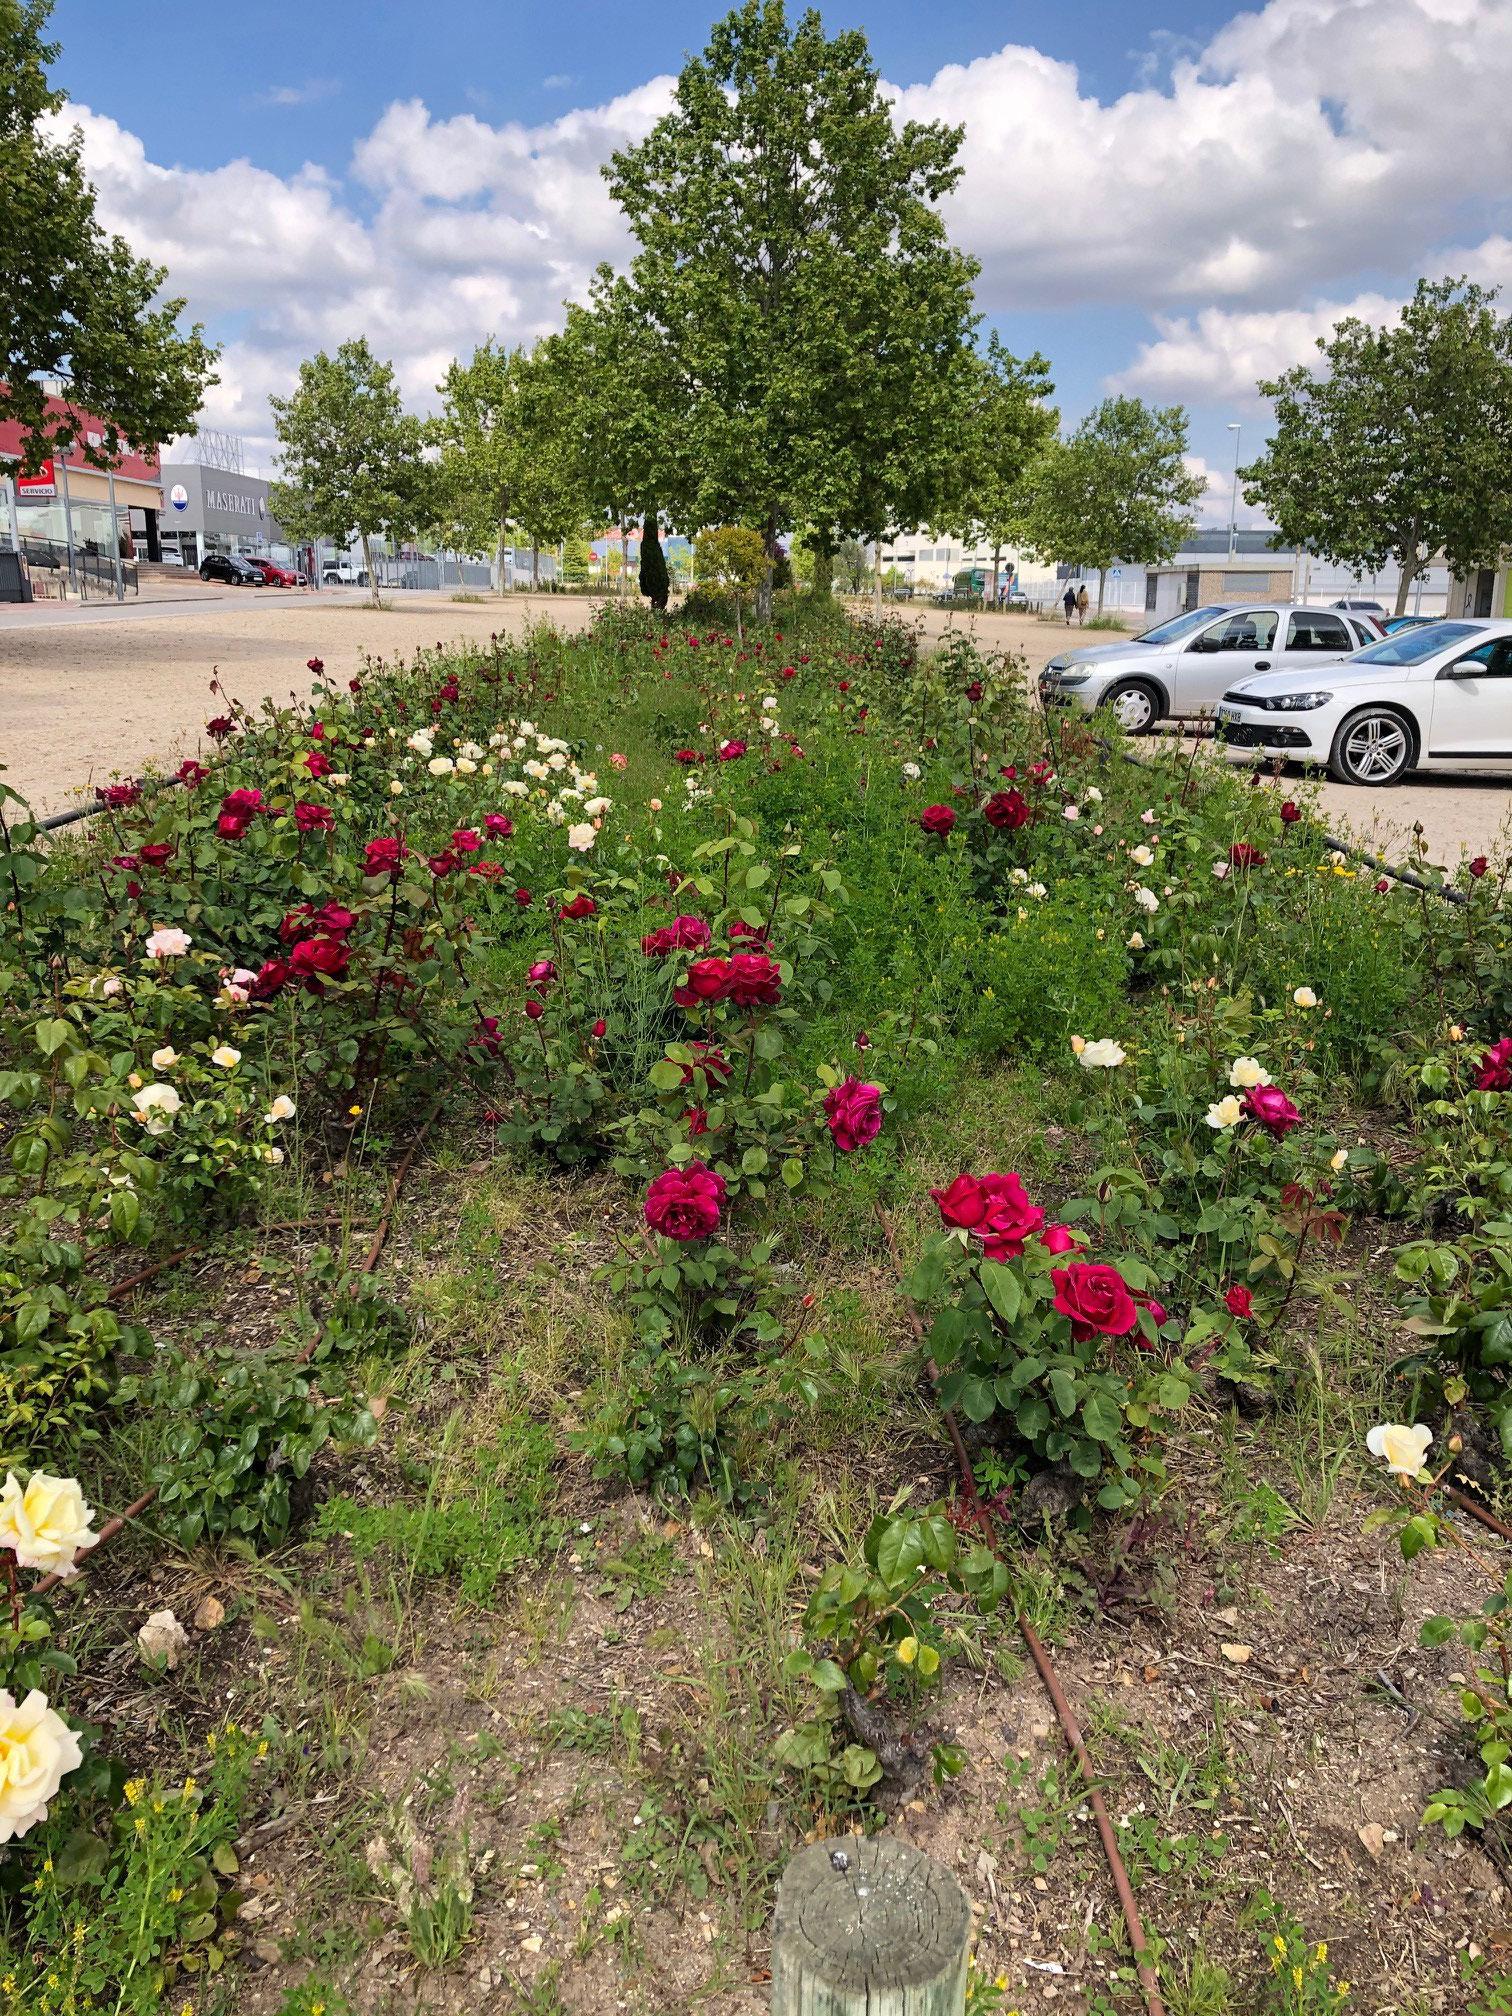 Überall wunderschöne Rosen auf den öffentlichen Plätzen.